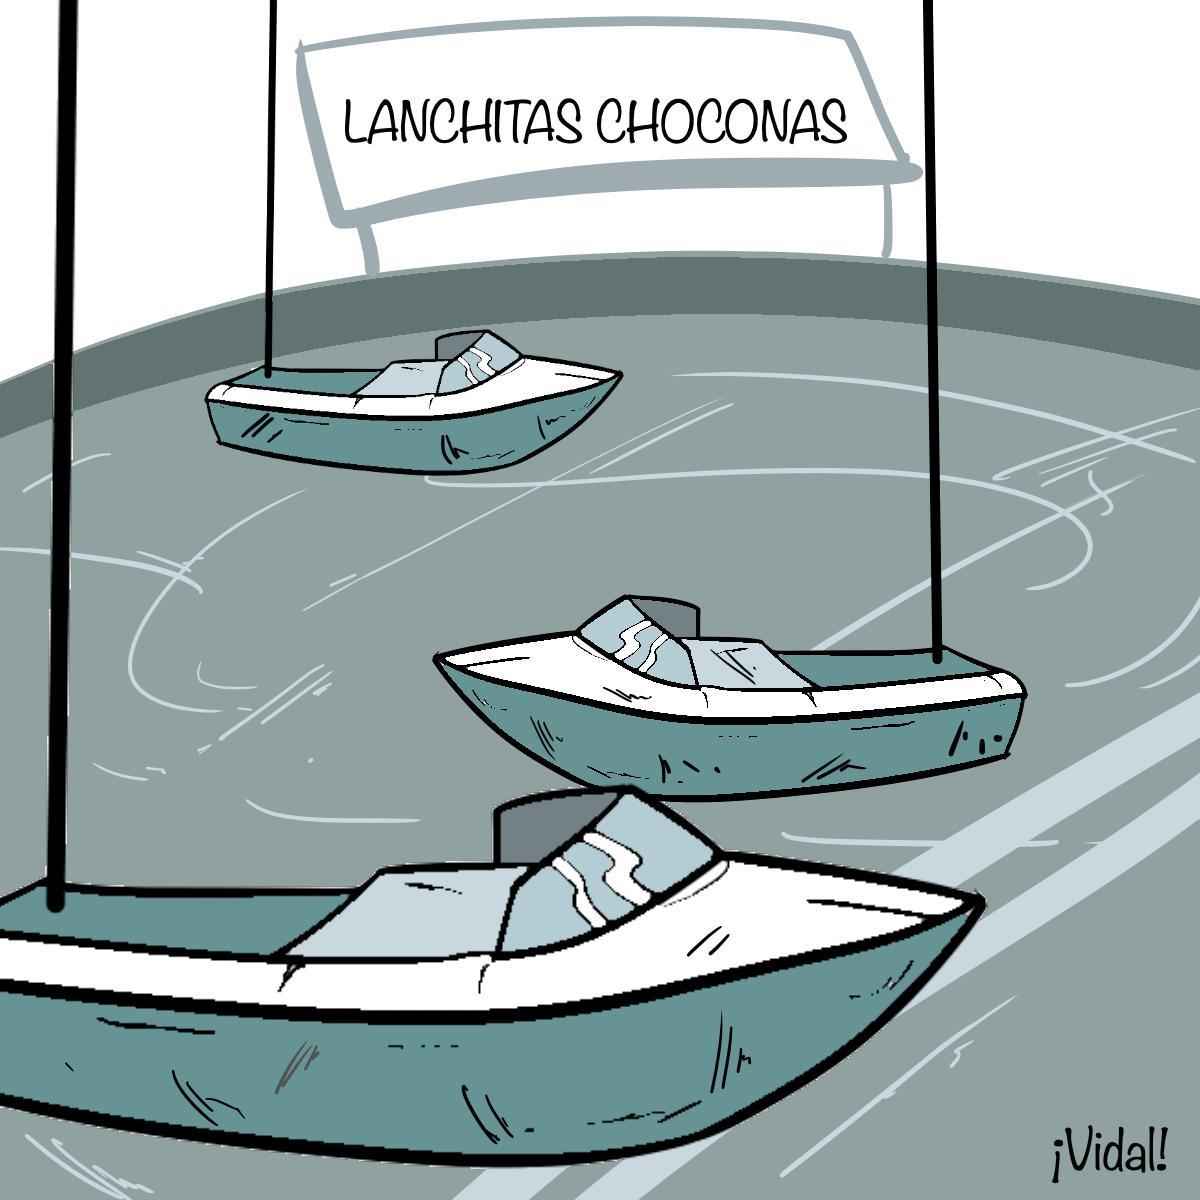 Caricatura 13 de enero de 2020